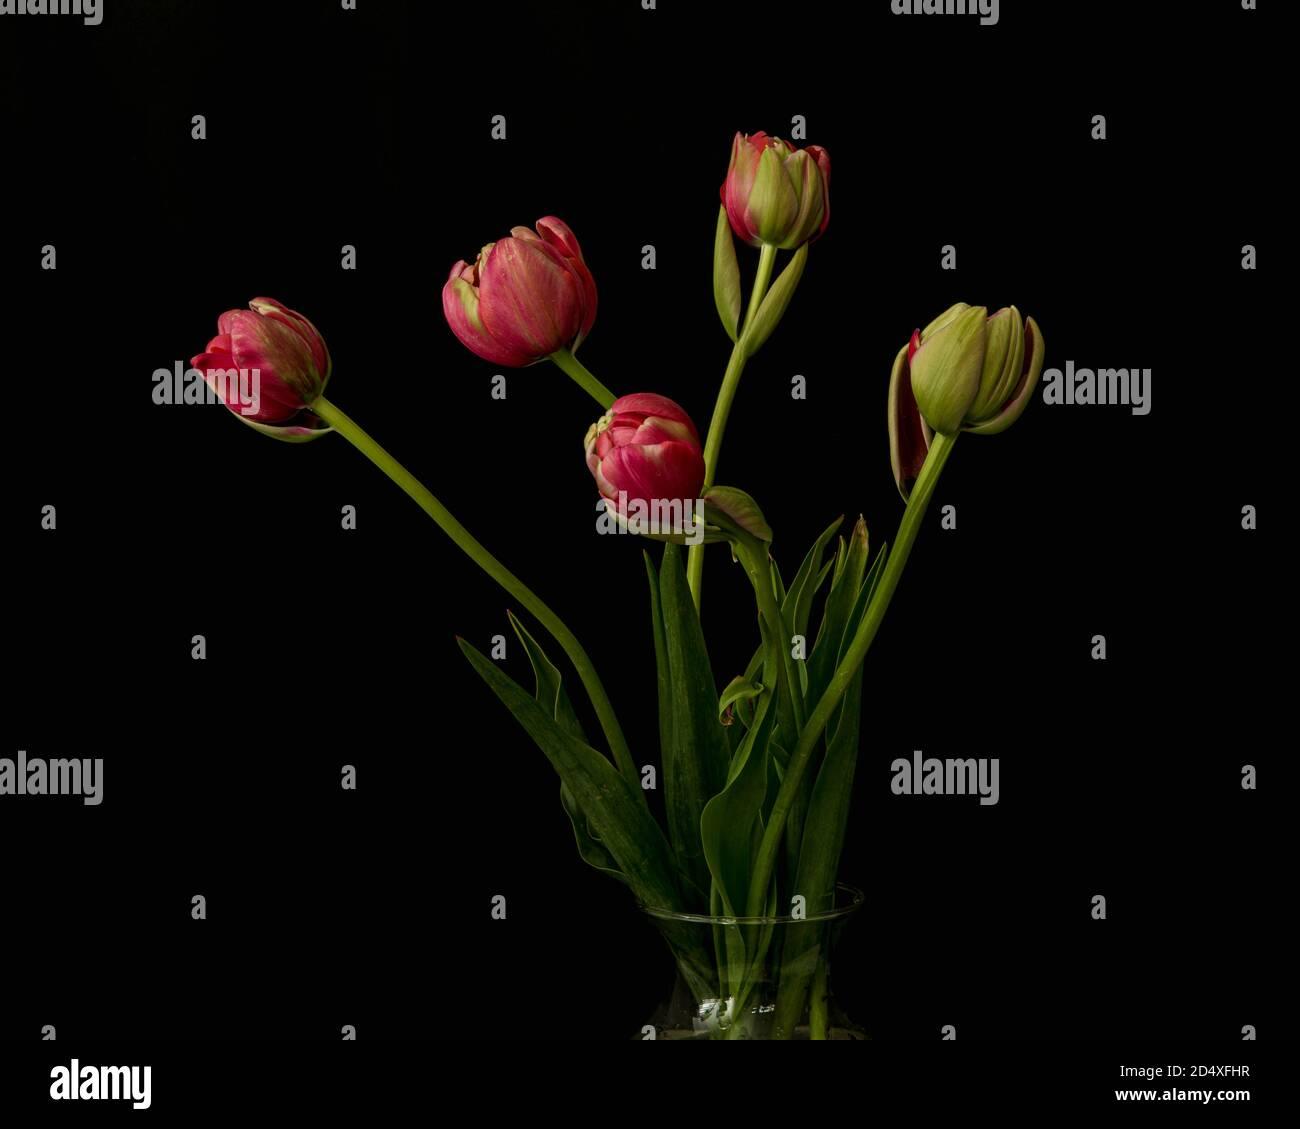 Ramo de yemas de tulipán rosa y hojas verdes, en un jarrón de cristal, visto desde el lado, solo se muestra la parte superior del recipiente, fondo negro de agache, con hojas Foto de stock